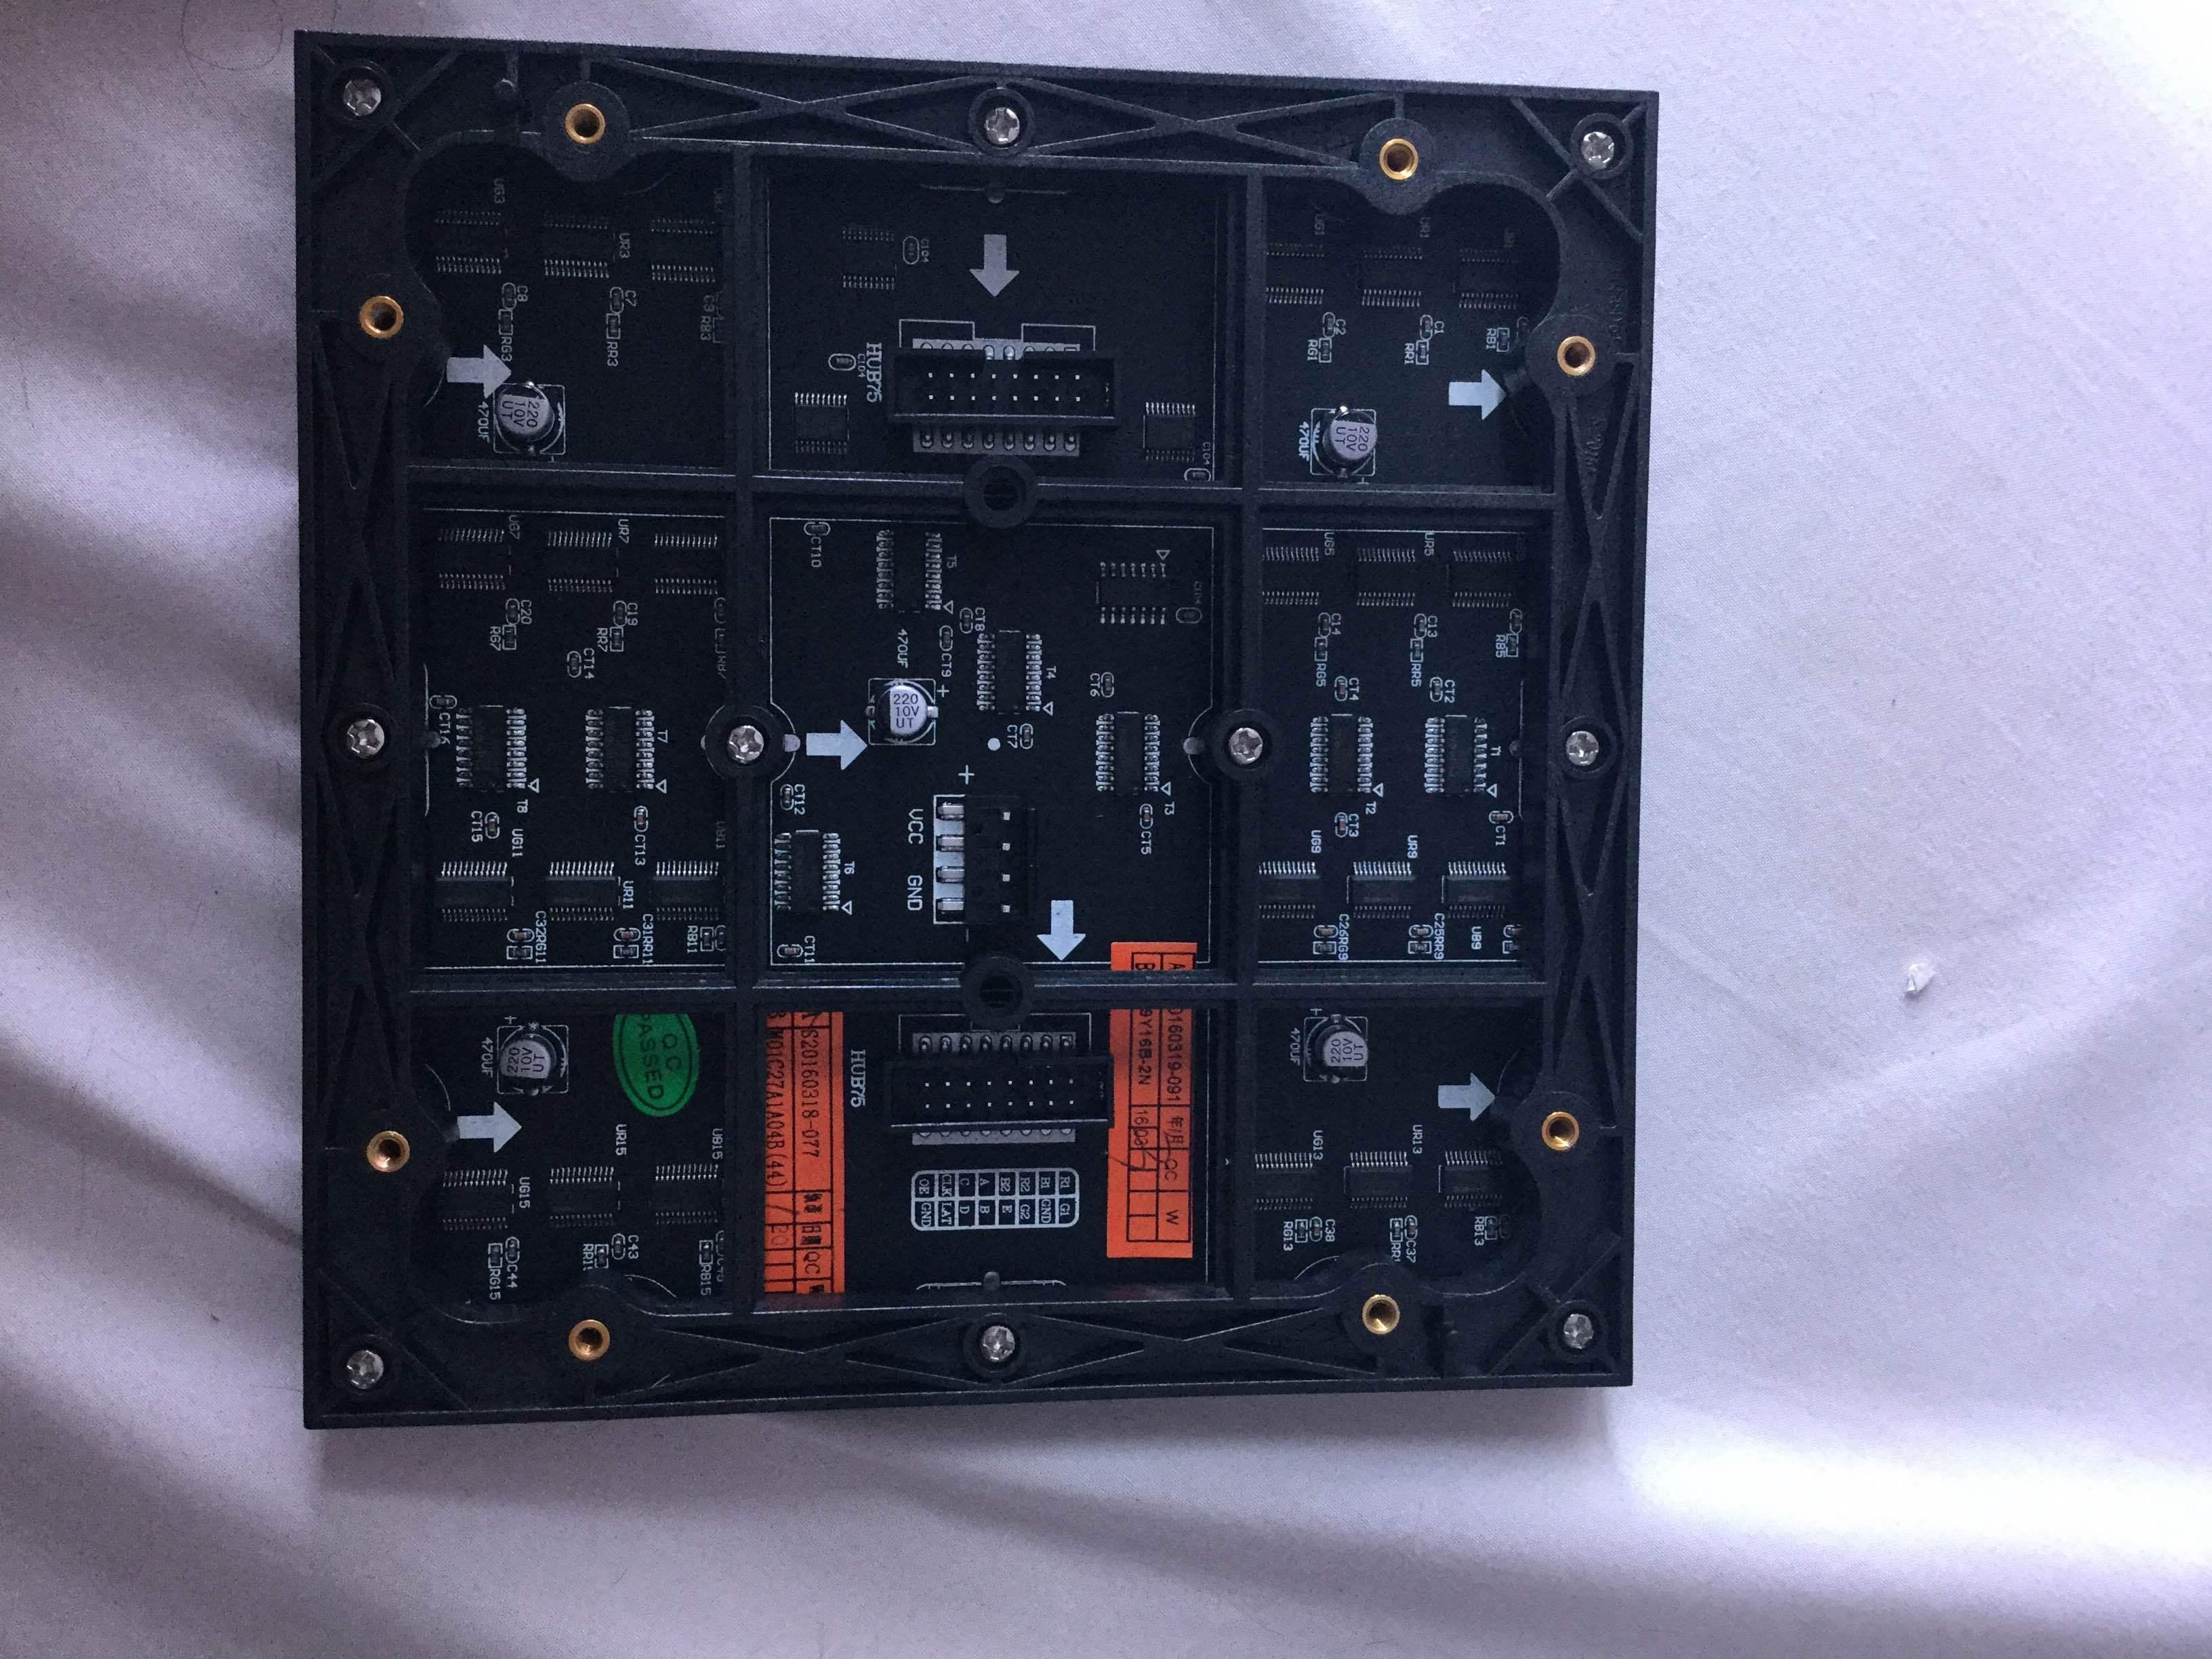 64x64 LED Matrix? - SmartMatrix Community